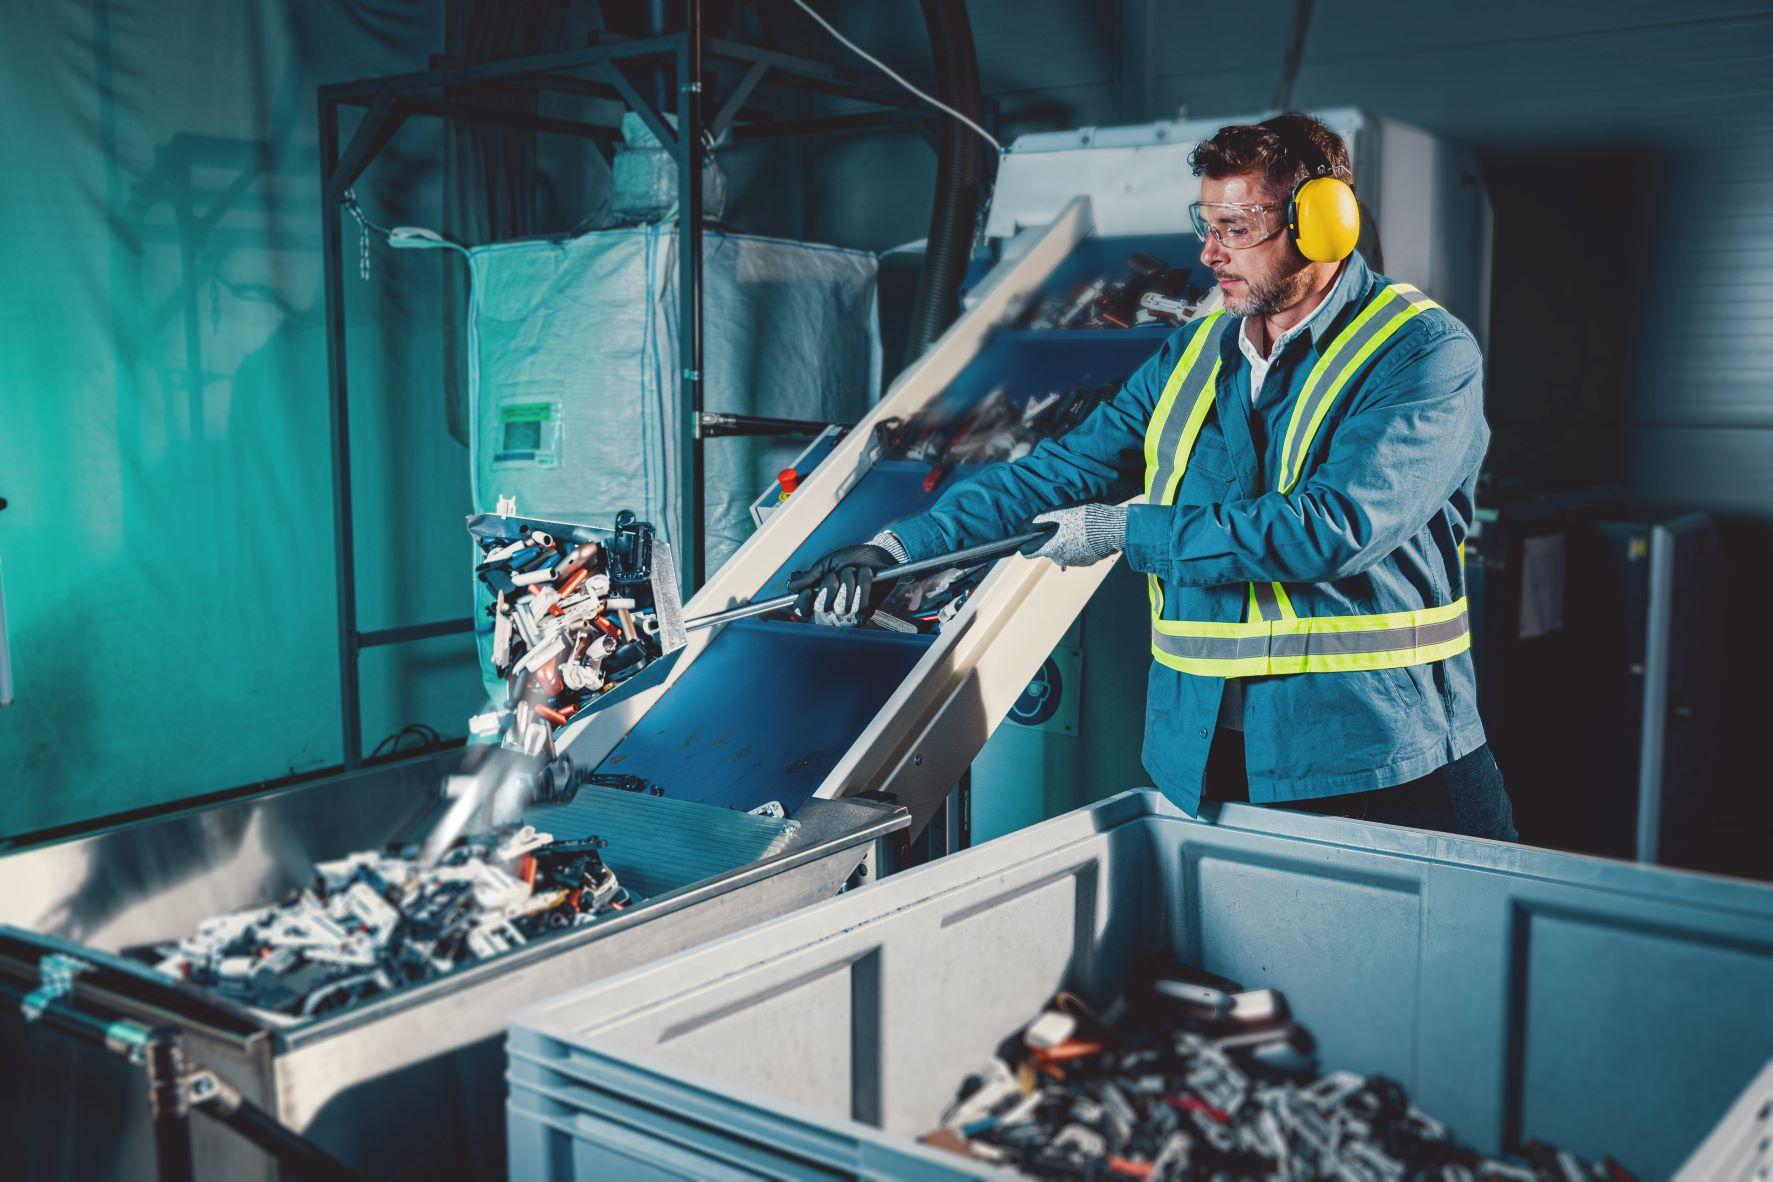 átadták a Philip Morris International (PMI) csúcstechnológiát alkalmazó PMI CIRCLE nevet viselő újrahasznosító üzemét